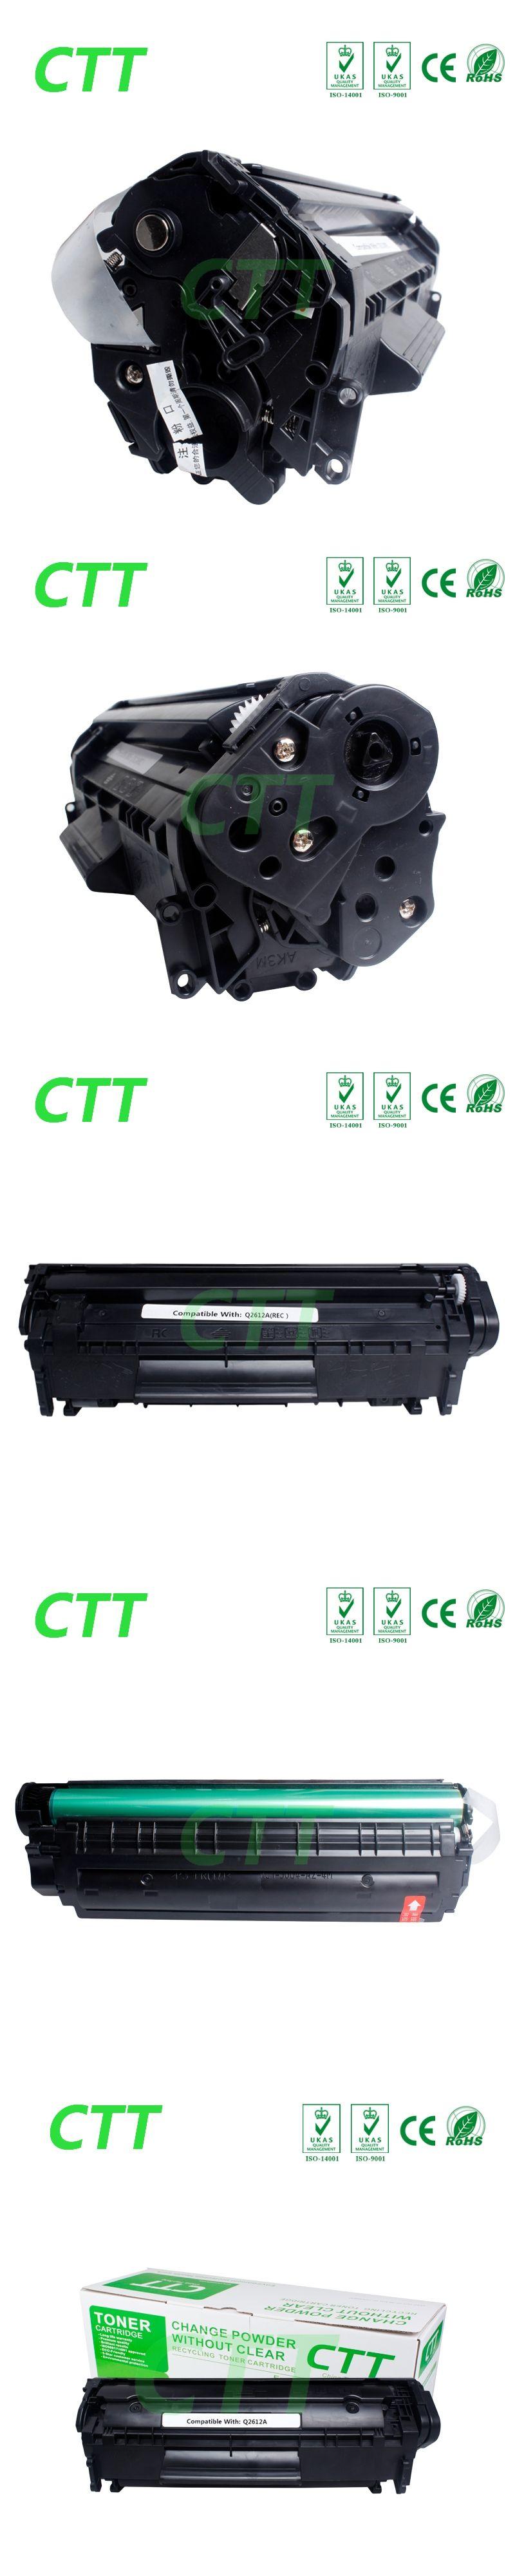 Ctt Q2612a 2612a 12a 2612 Toner Cartridge Compatible Hp Laserjet 1020 1010 1012 1015 1018 1022 1022n